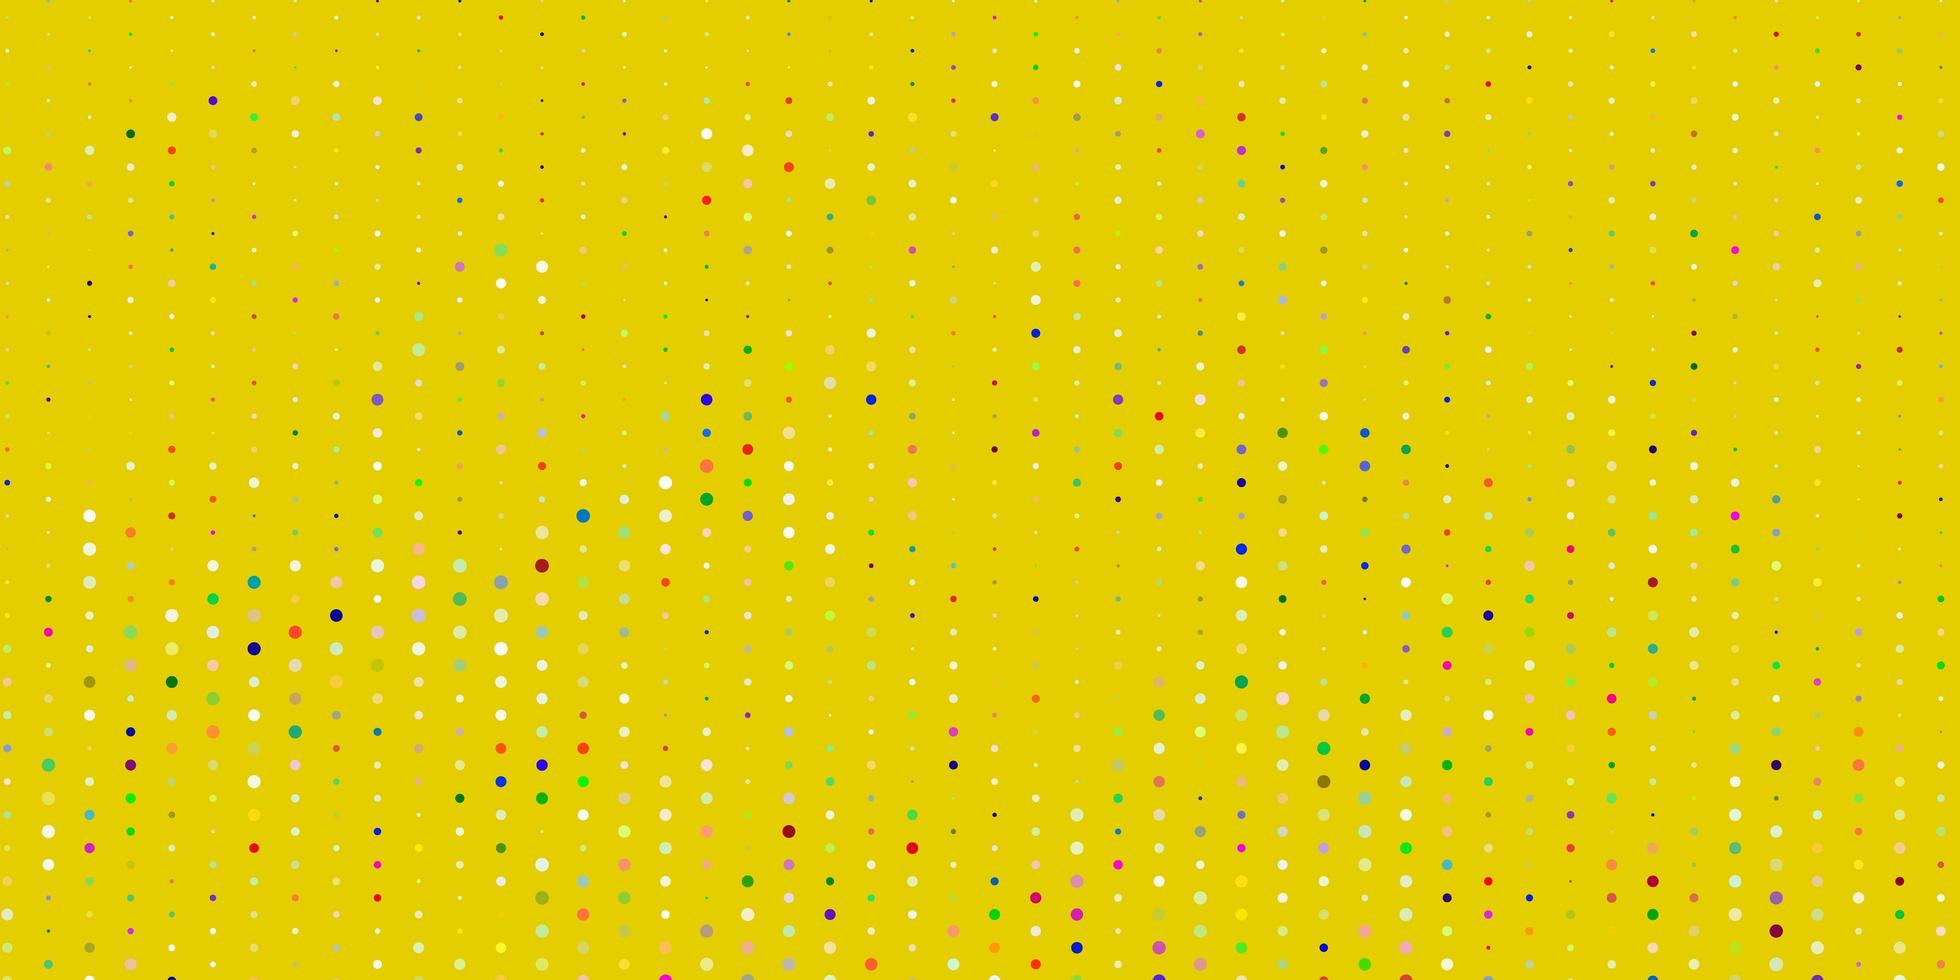 licht veelkleurige vectortextuur met schijven. vector